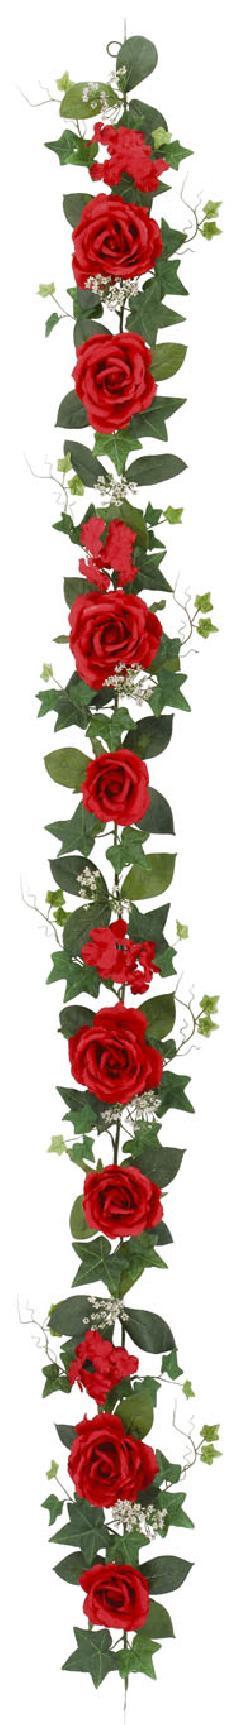 屋内用造花バラガーランド(ファインローズ・レッド・全長180cm/花径3.5〜11cm)FLG−3017